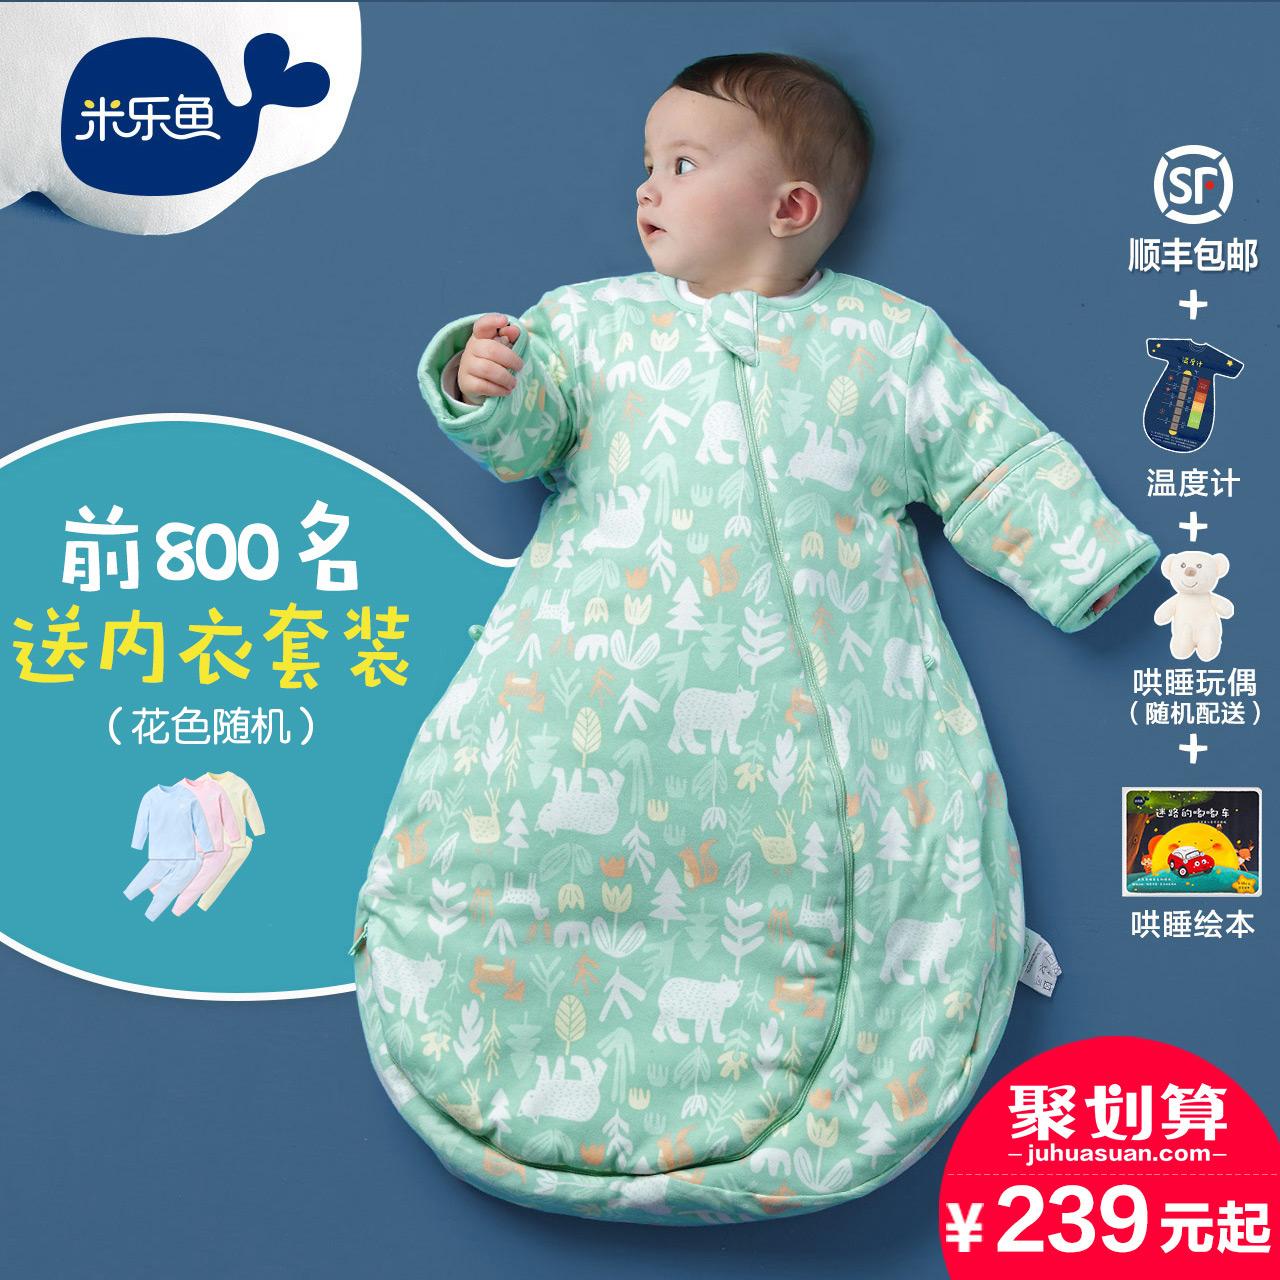 米乐鱼睡袋婴儿秋冬加厚夹棉儿童睡袋新生儿宝宝睡袋防踢被可拆袖